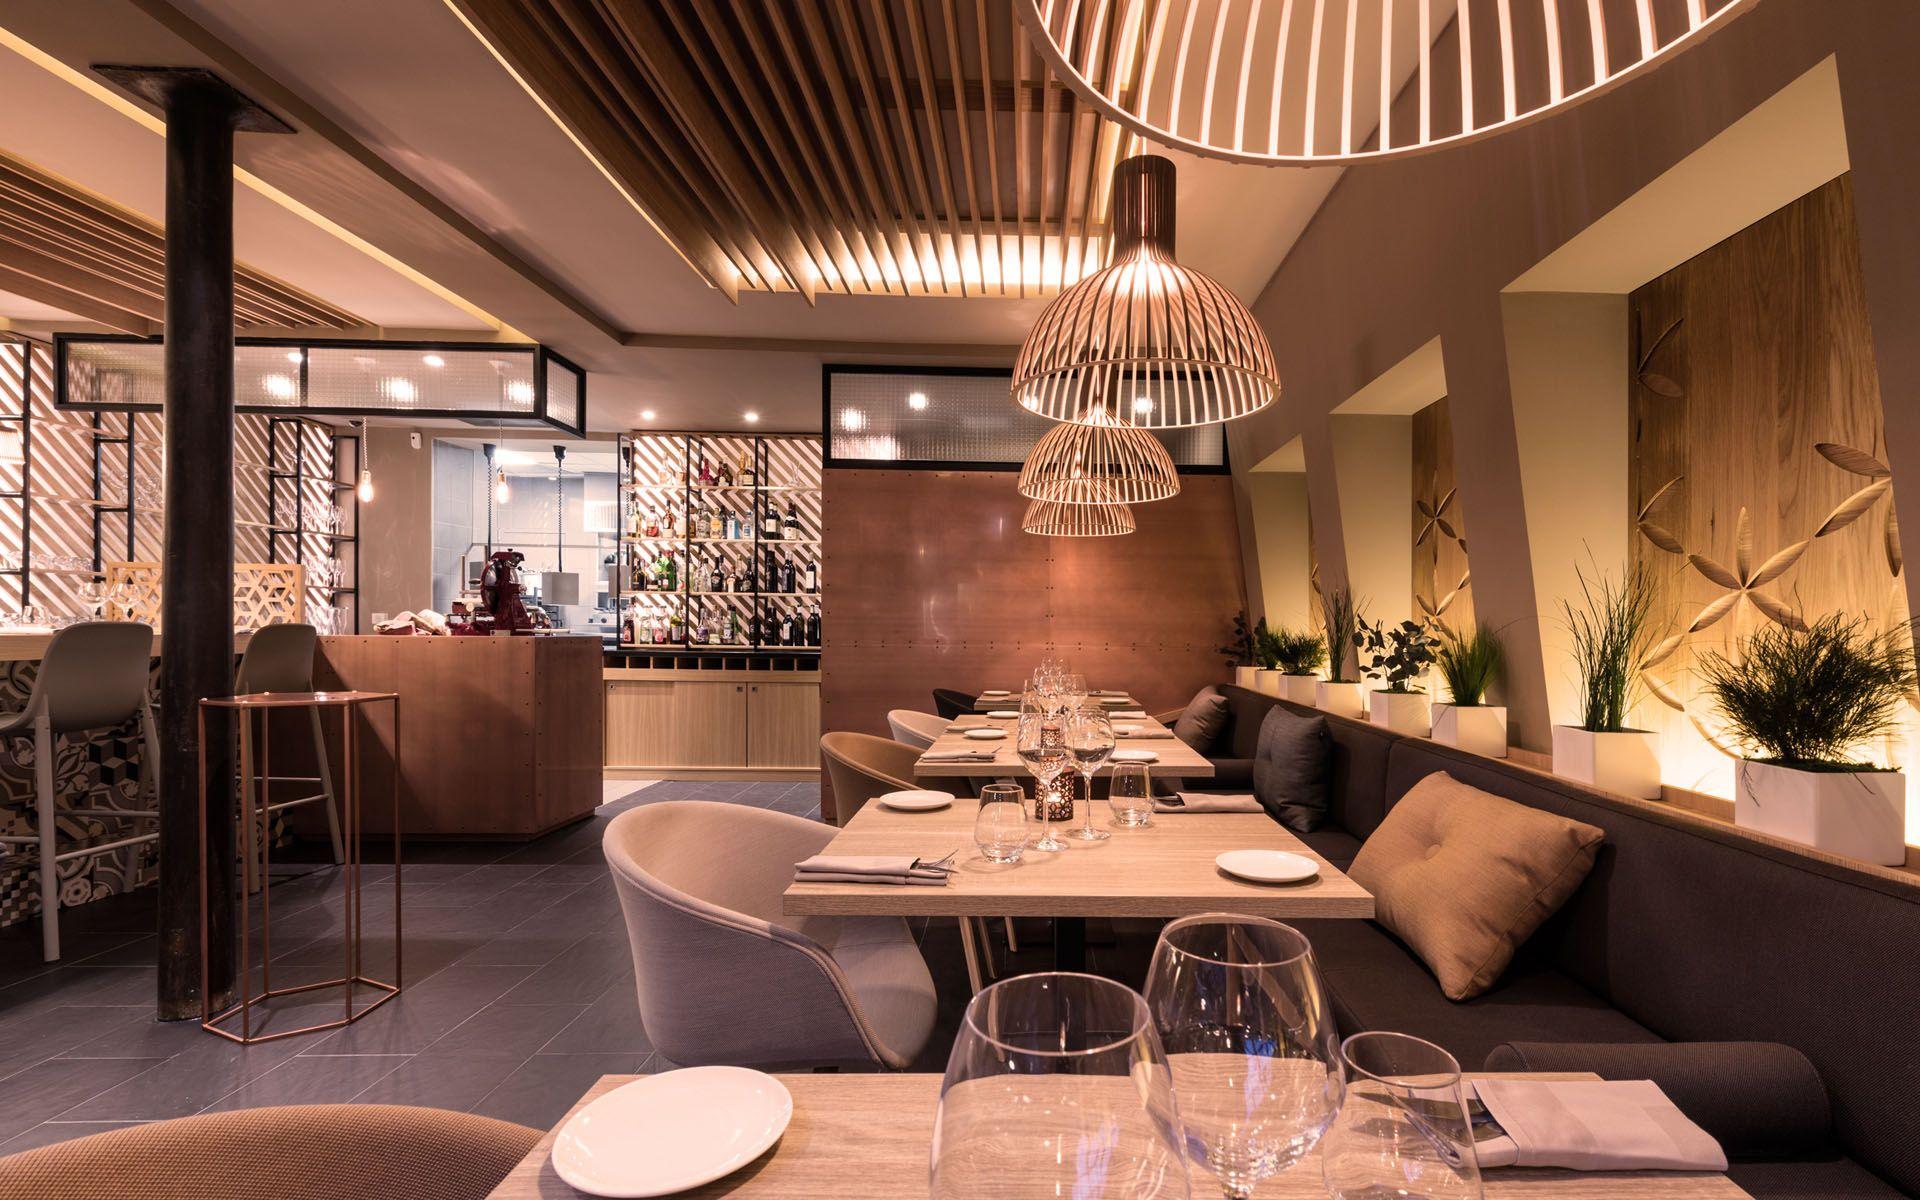 Restaurant gastronomique quot côté cour aix en provence